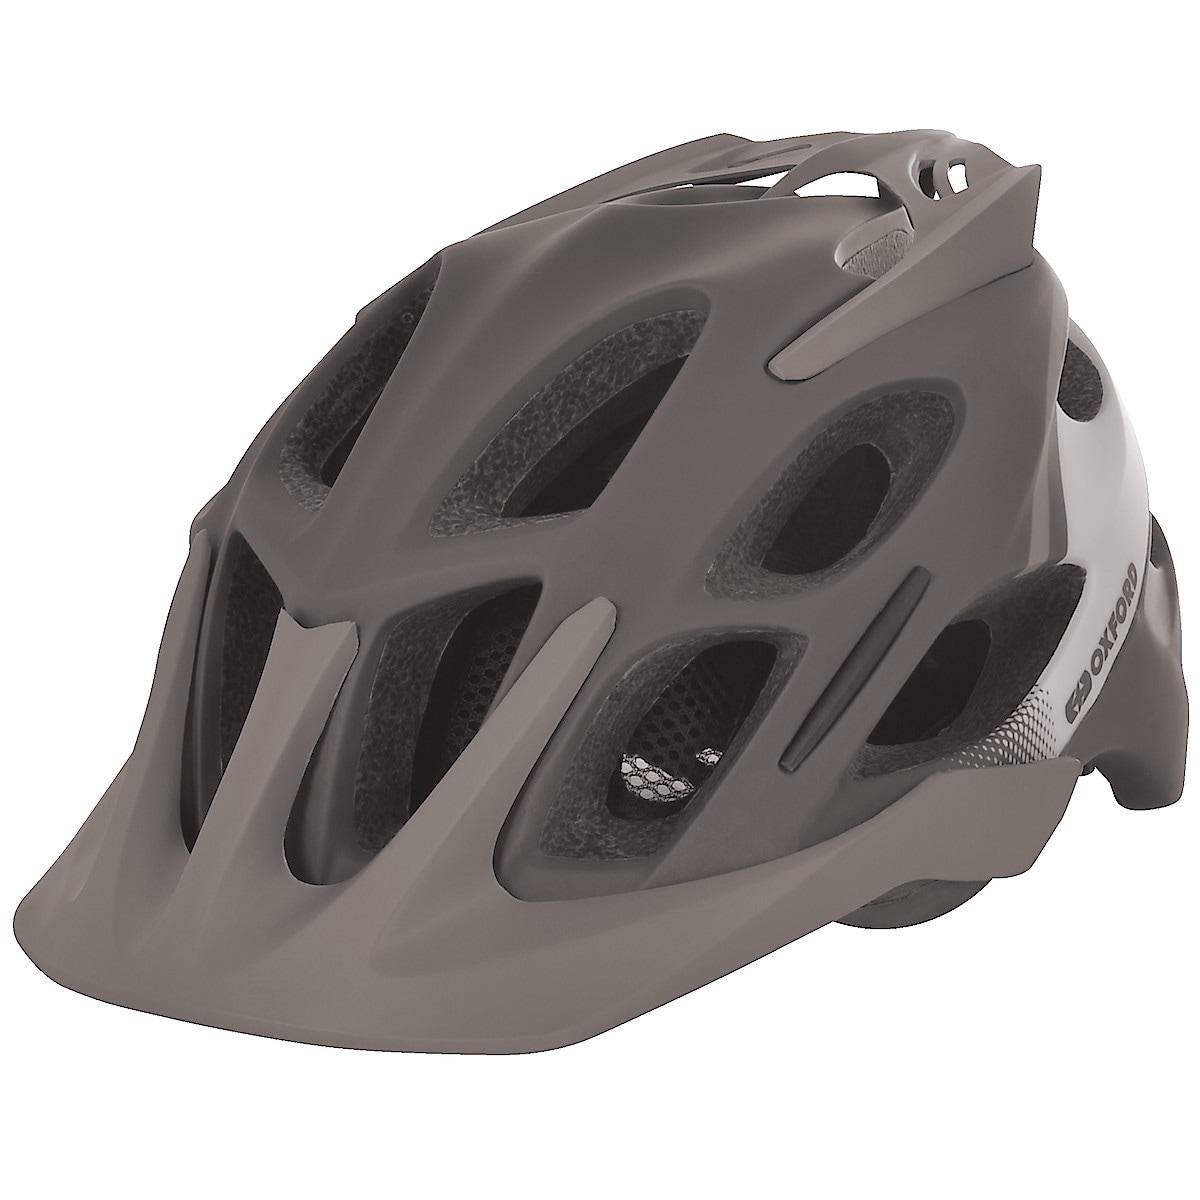 Cykelhjälm MTB Oxford Tucano Matt svart